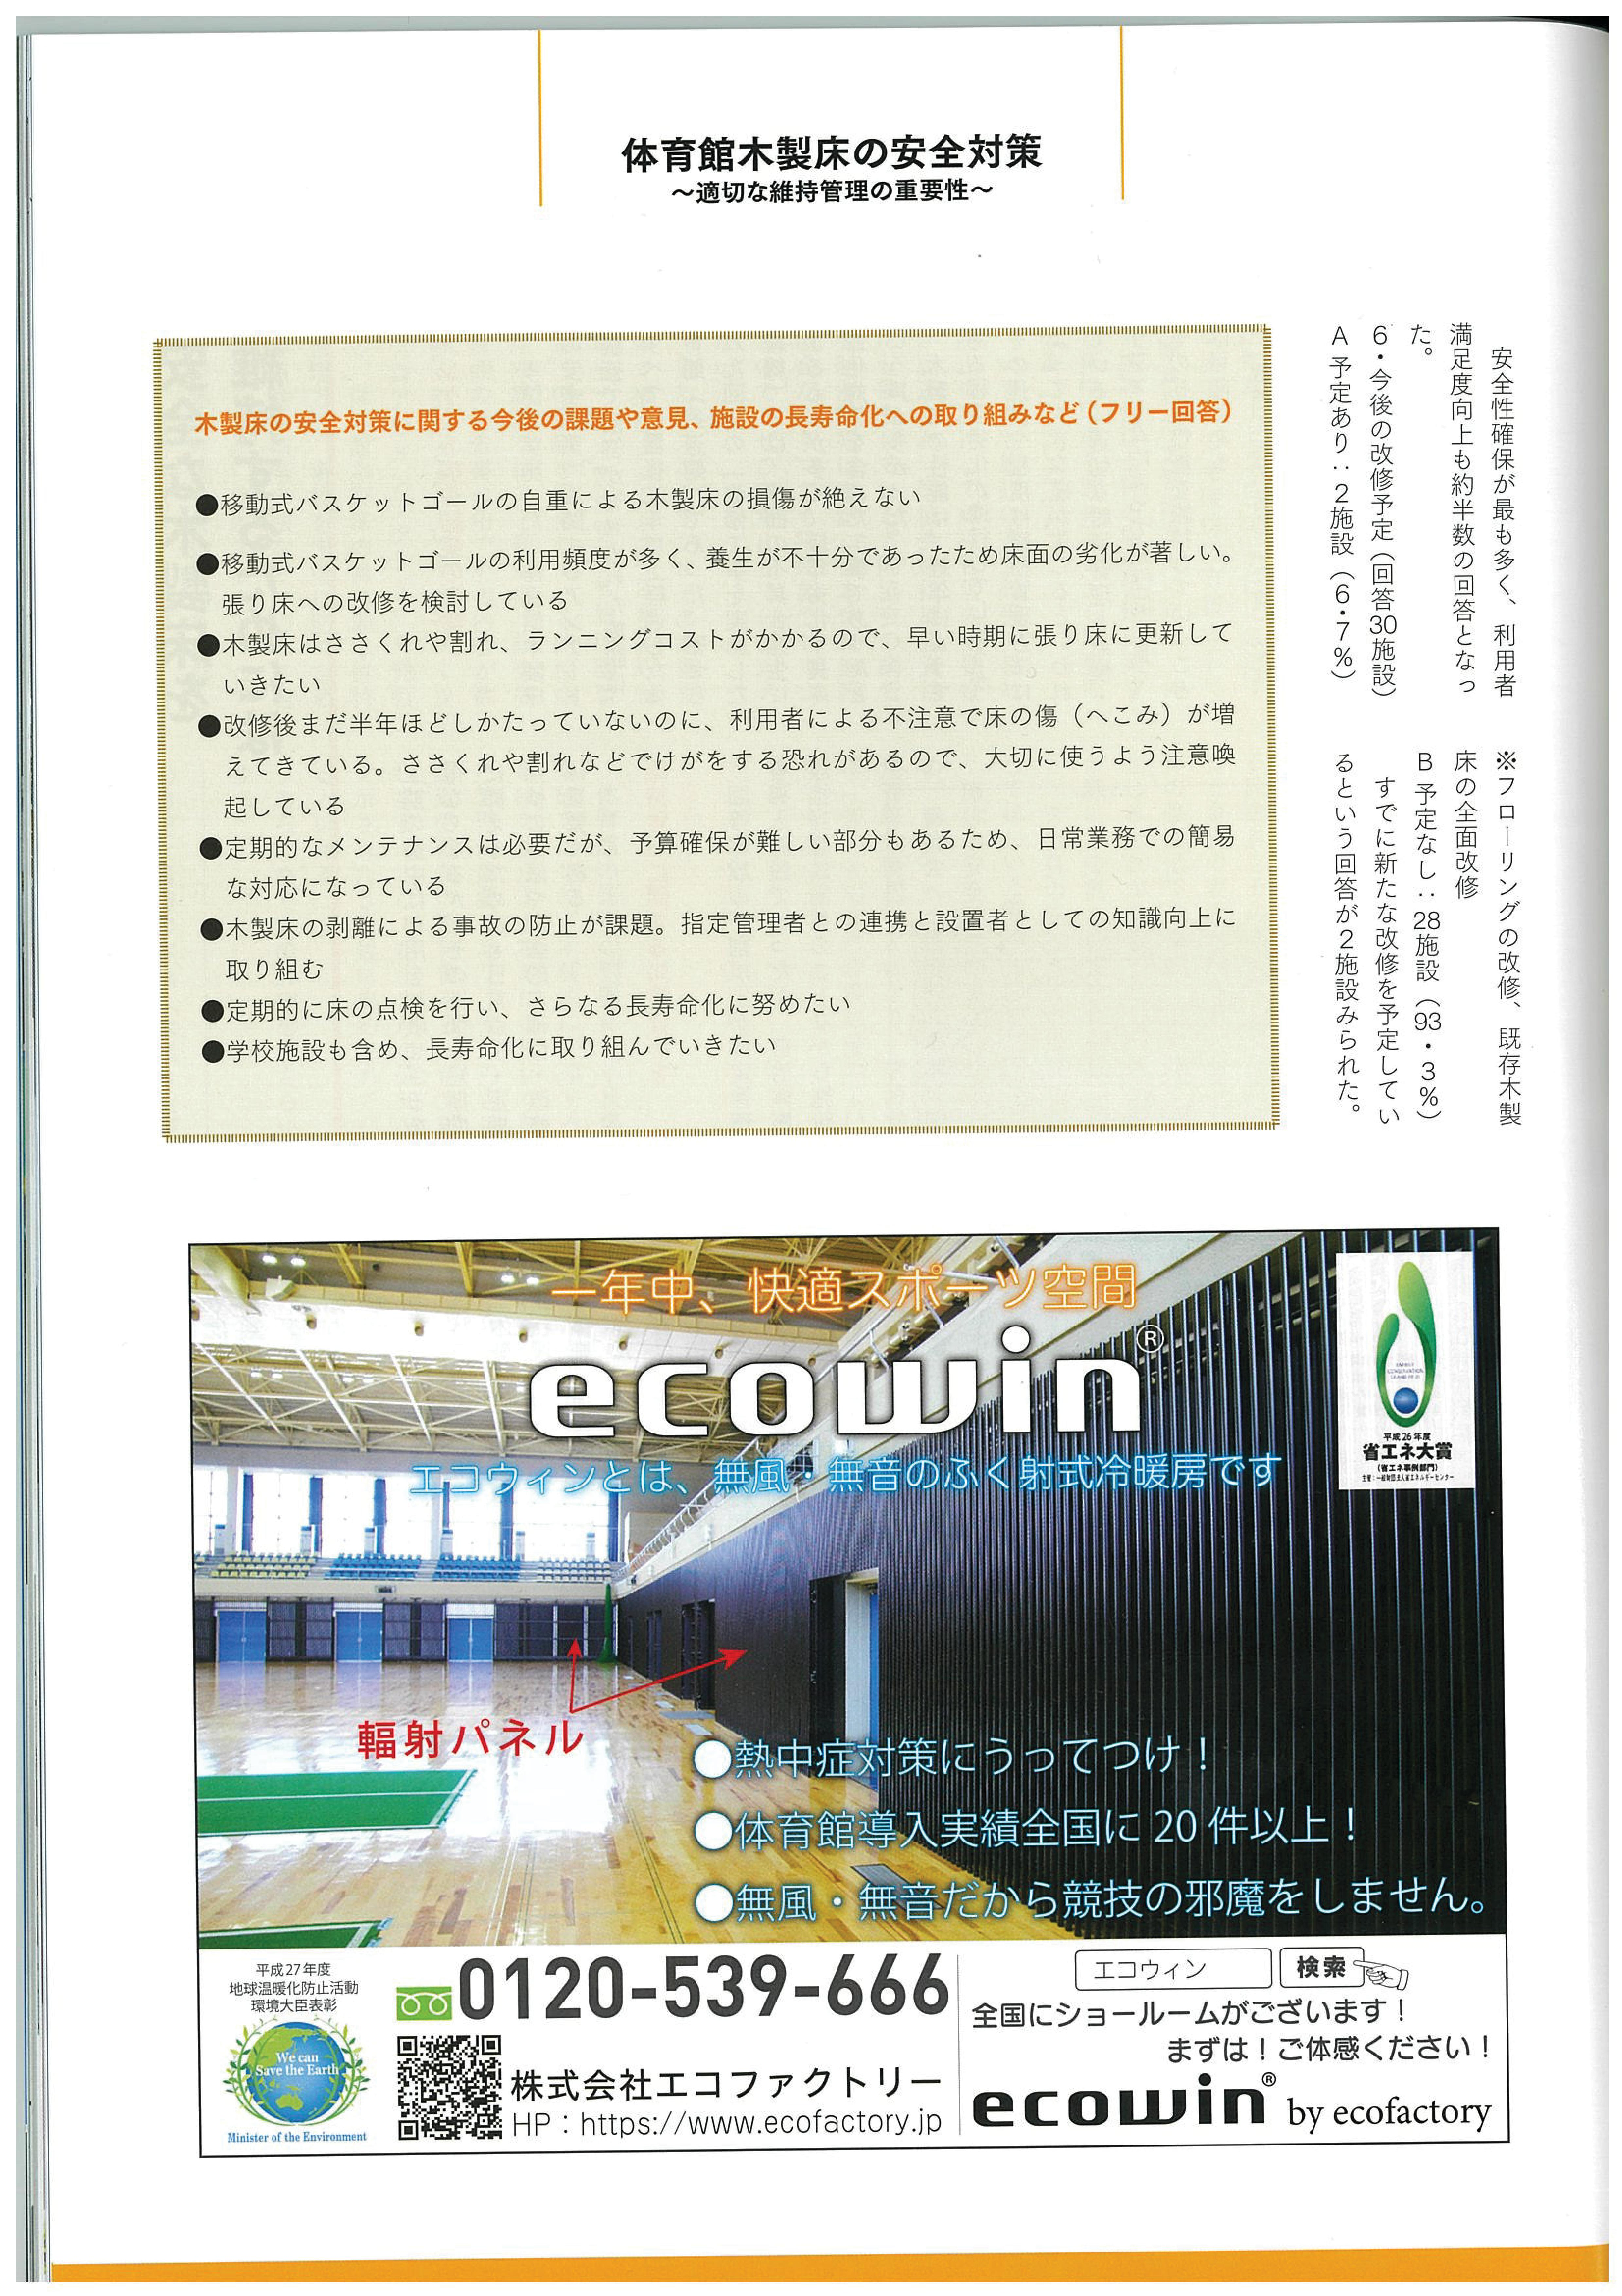 月間体育施設11月号広告のみ-002